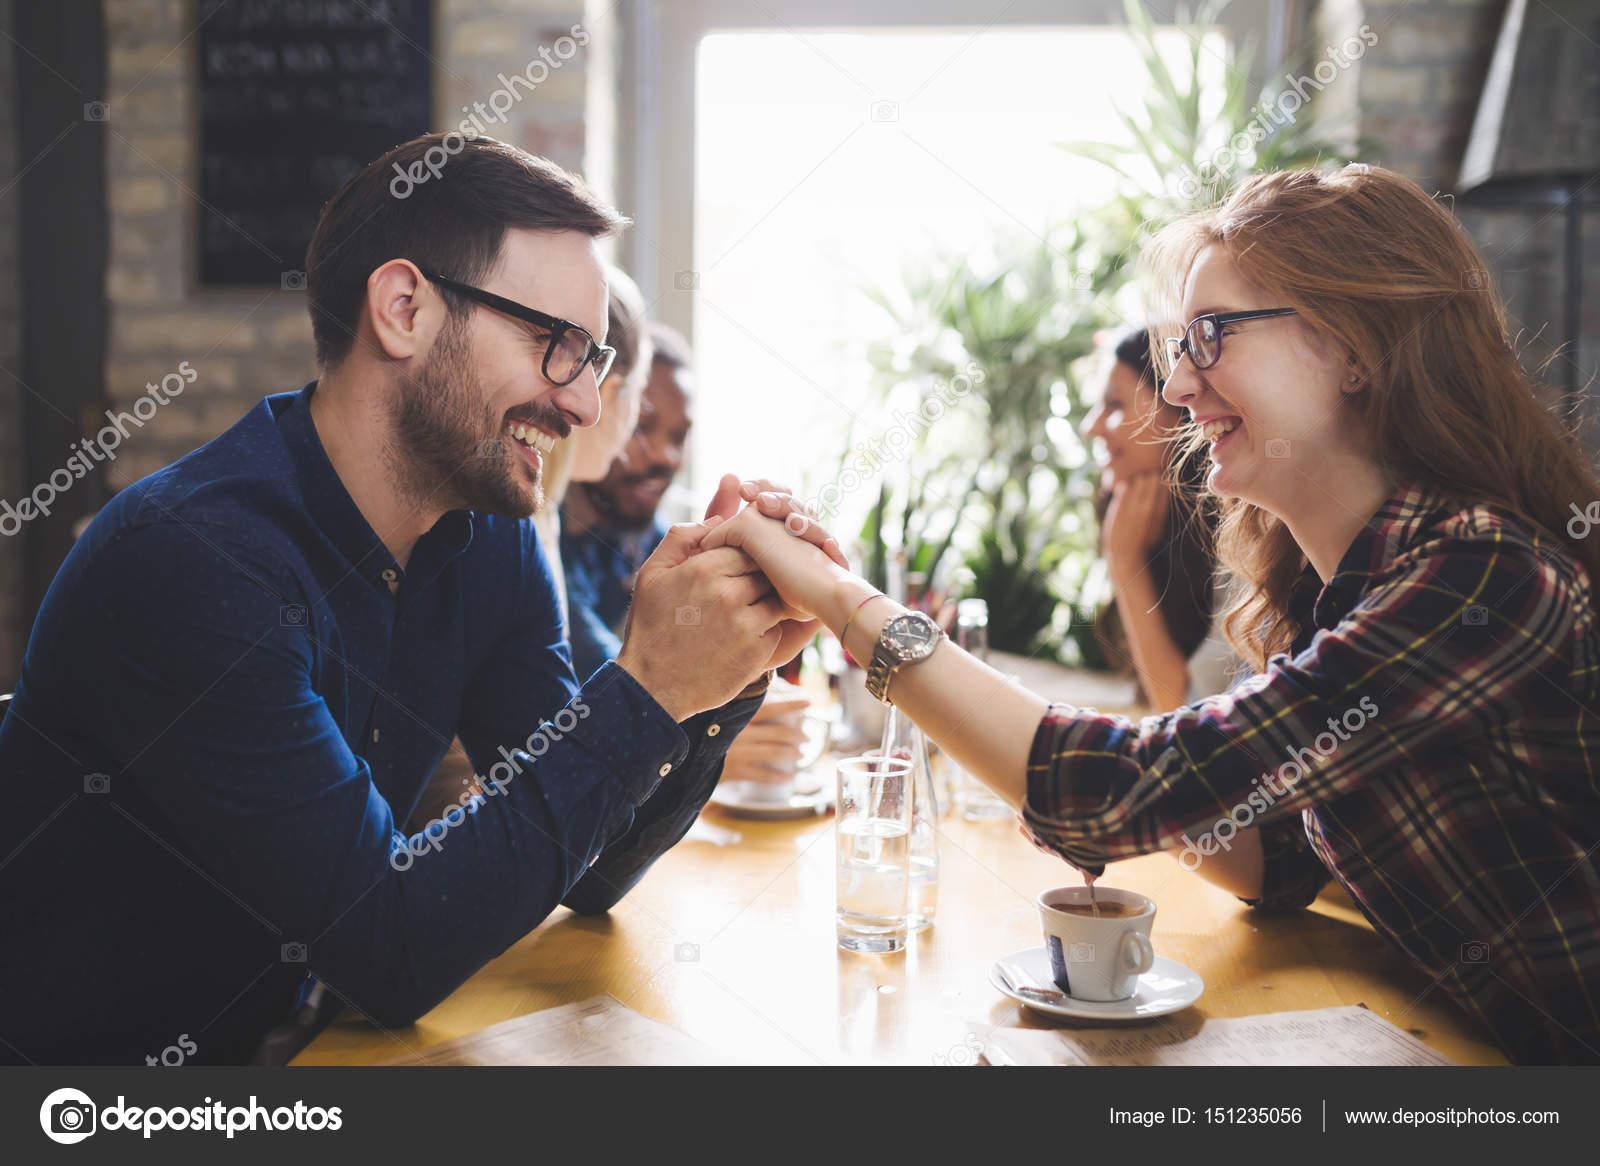 BBW Dating - Where Big Women Meet Admirers